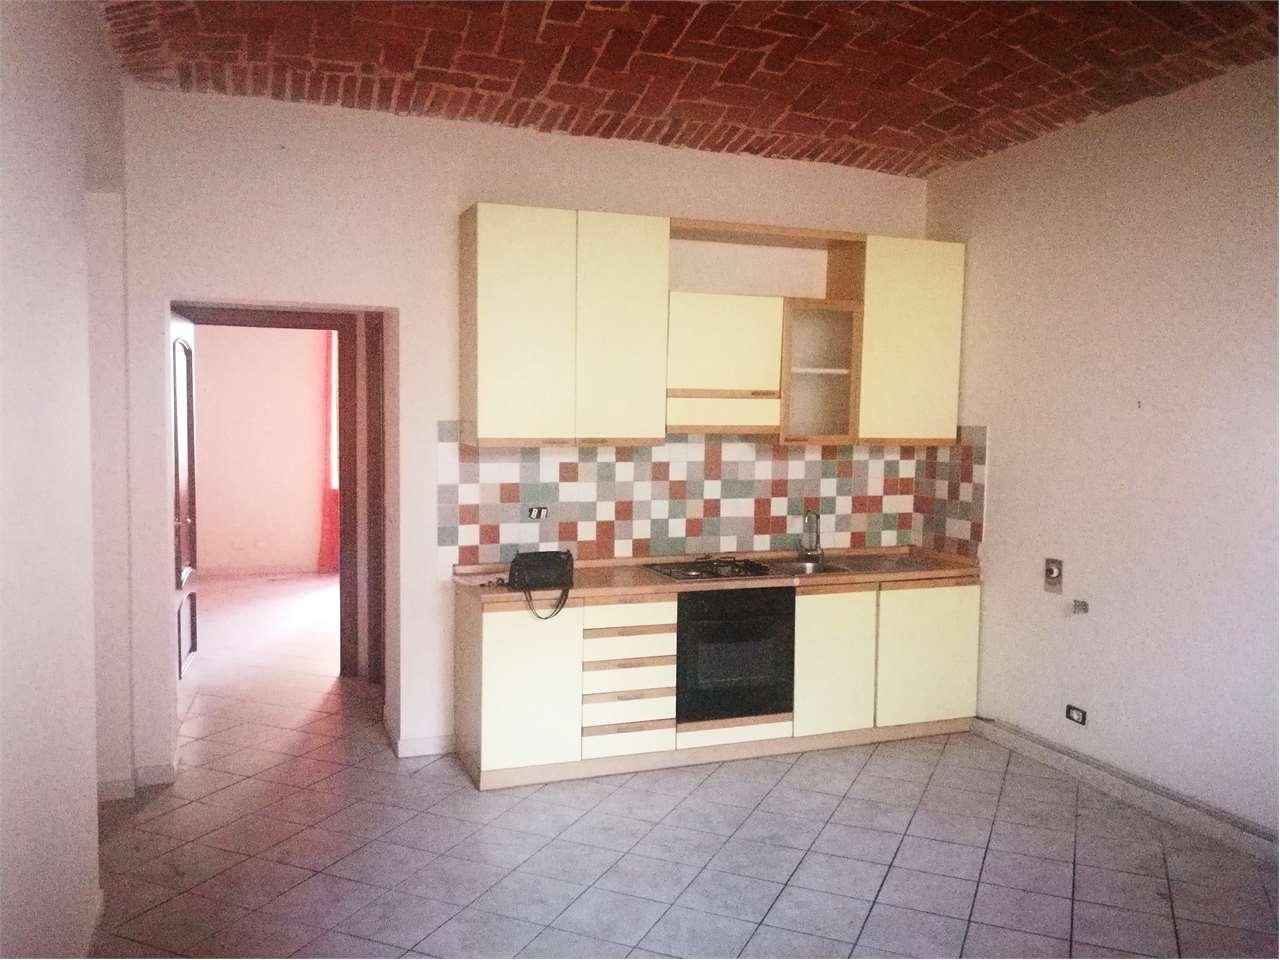 Vendita Bilocale Appartamento Alessandria via scazzola  36 231411